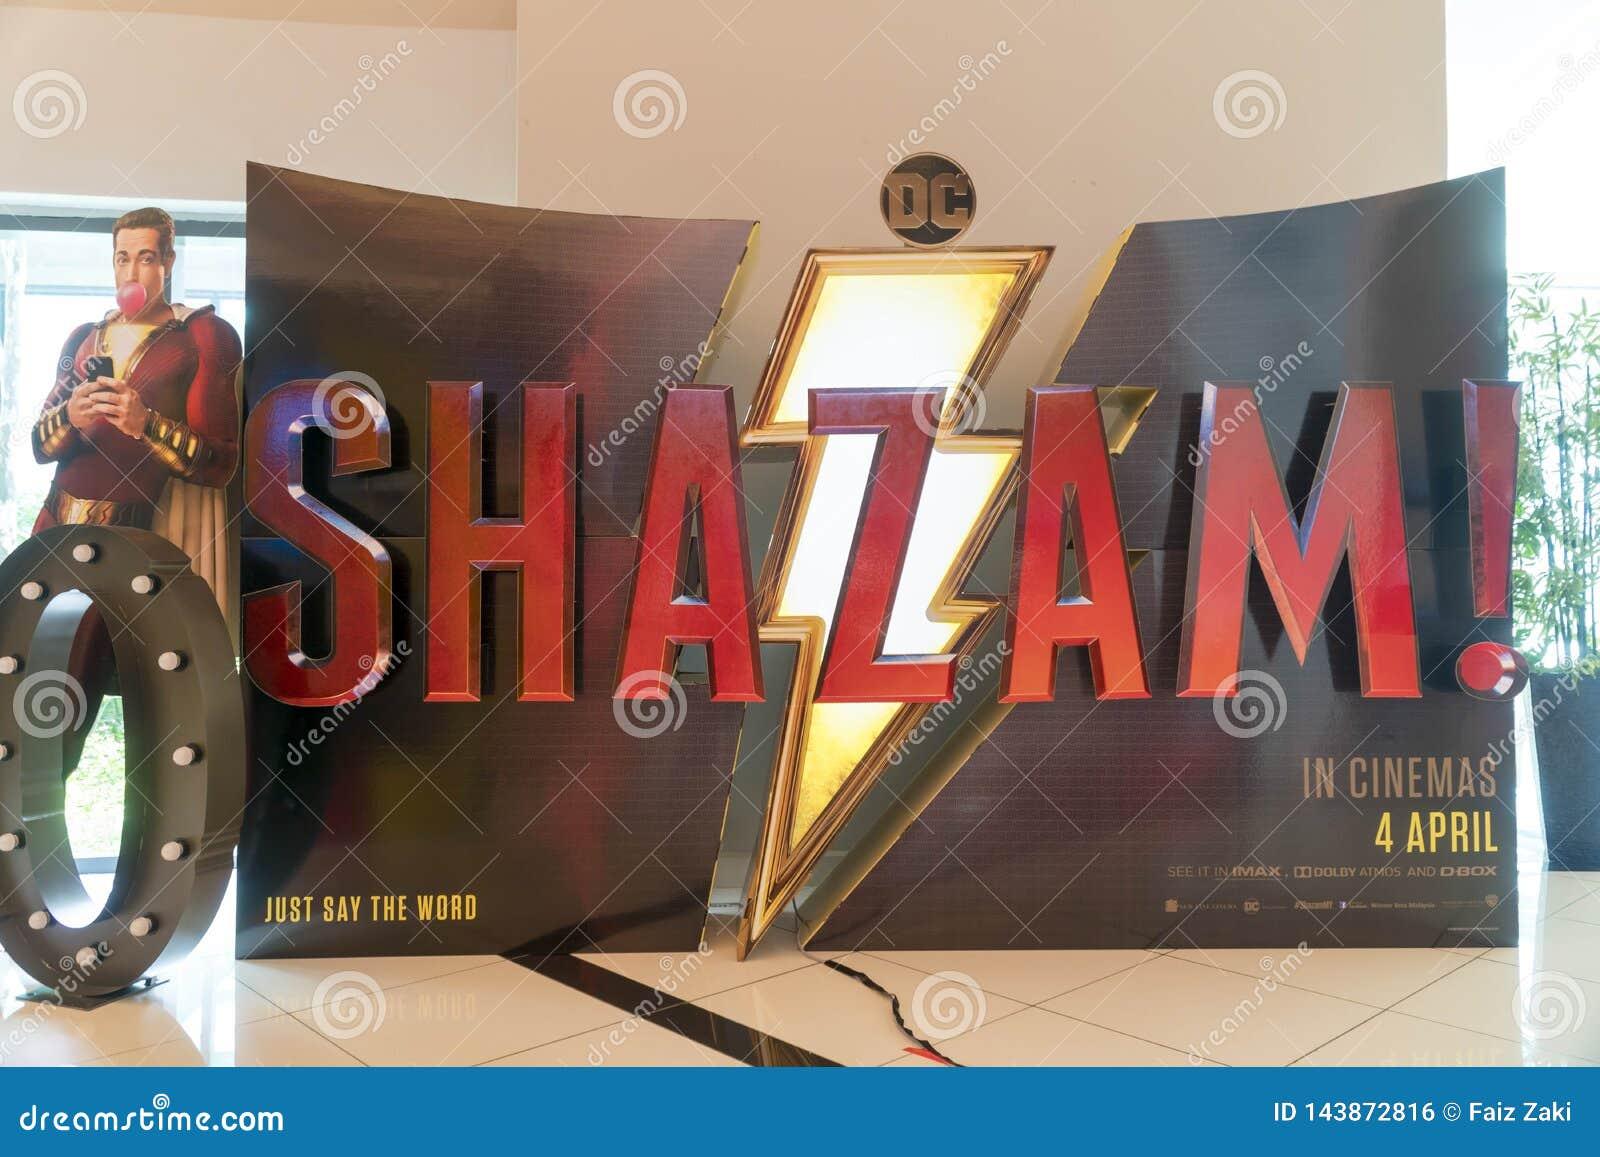 Il manifesto di film di Shazam, questo film è circa un bambino può trasformarsi nel supereroe adulto Shazam